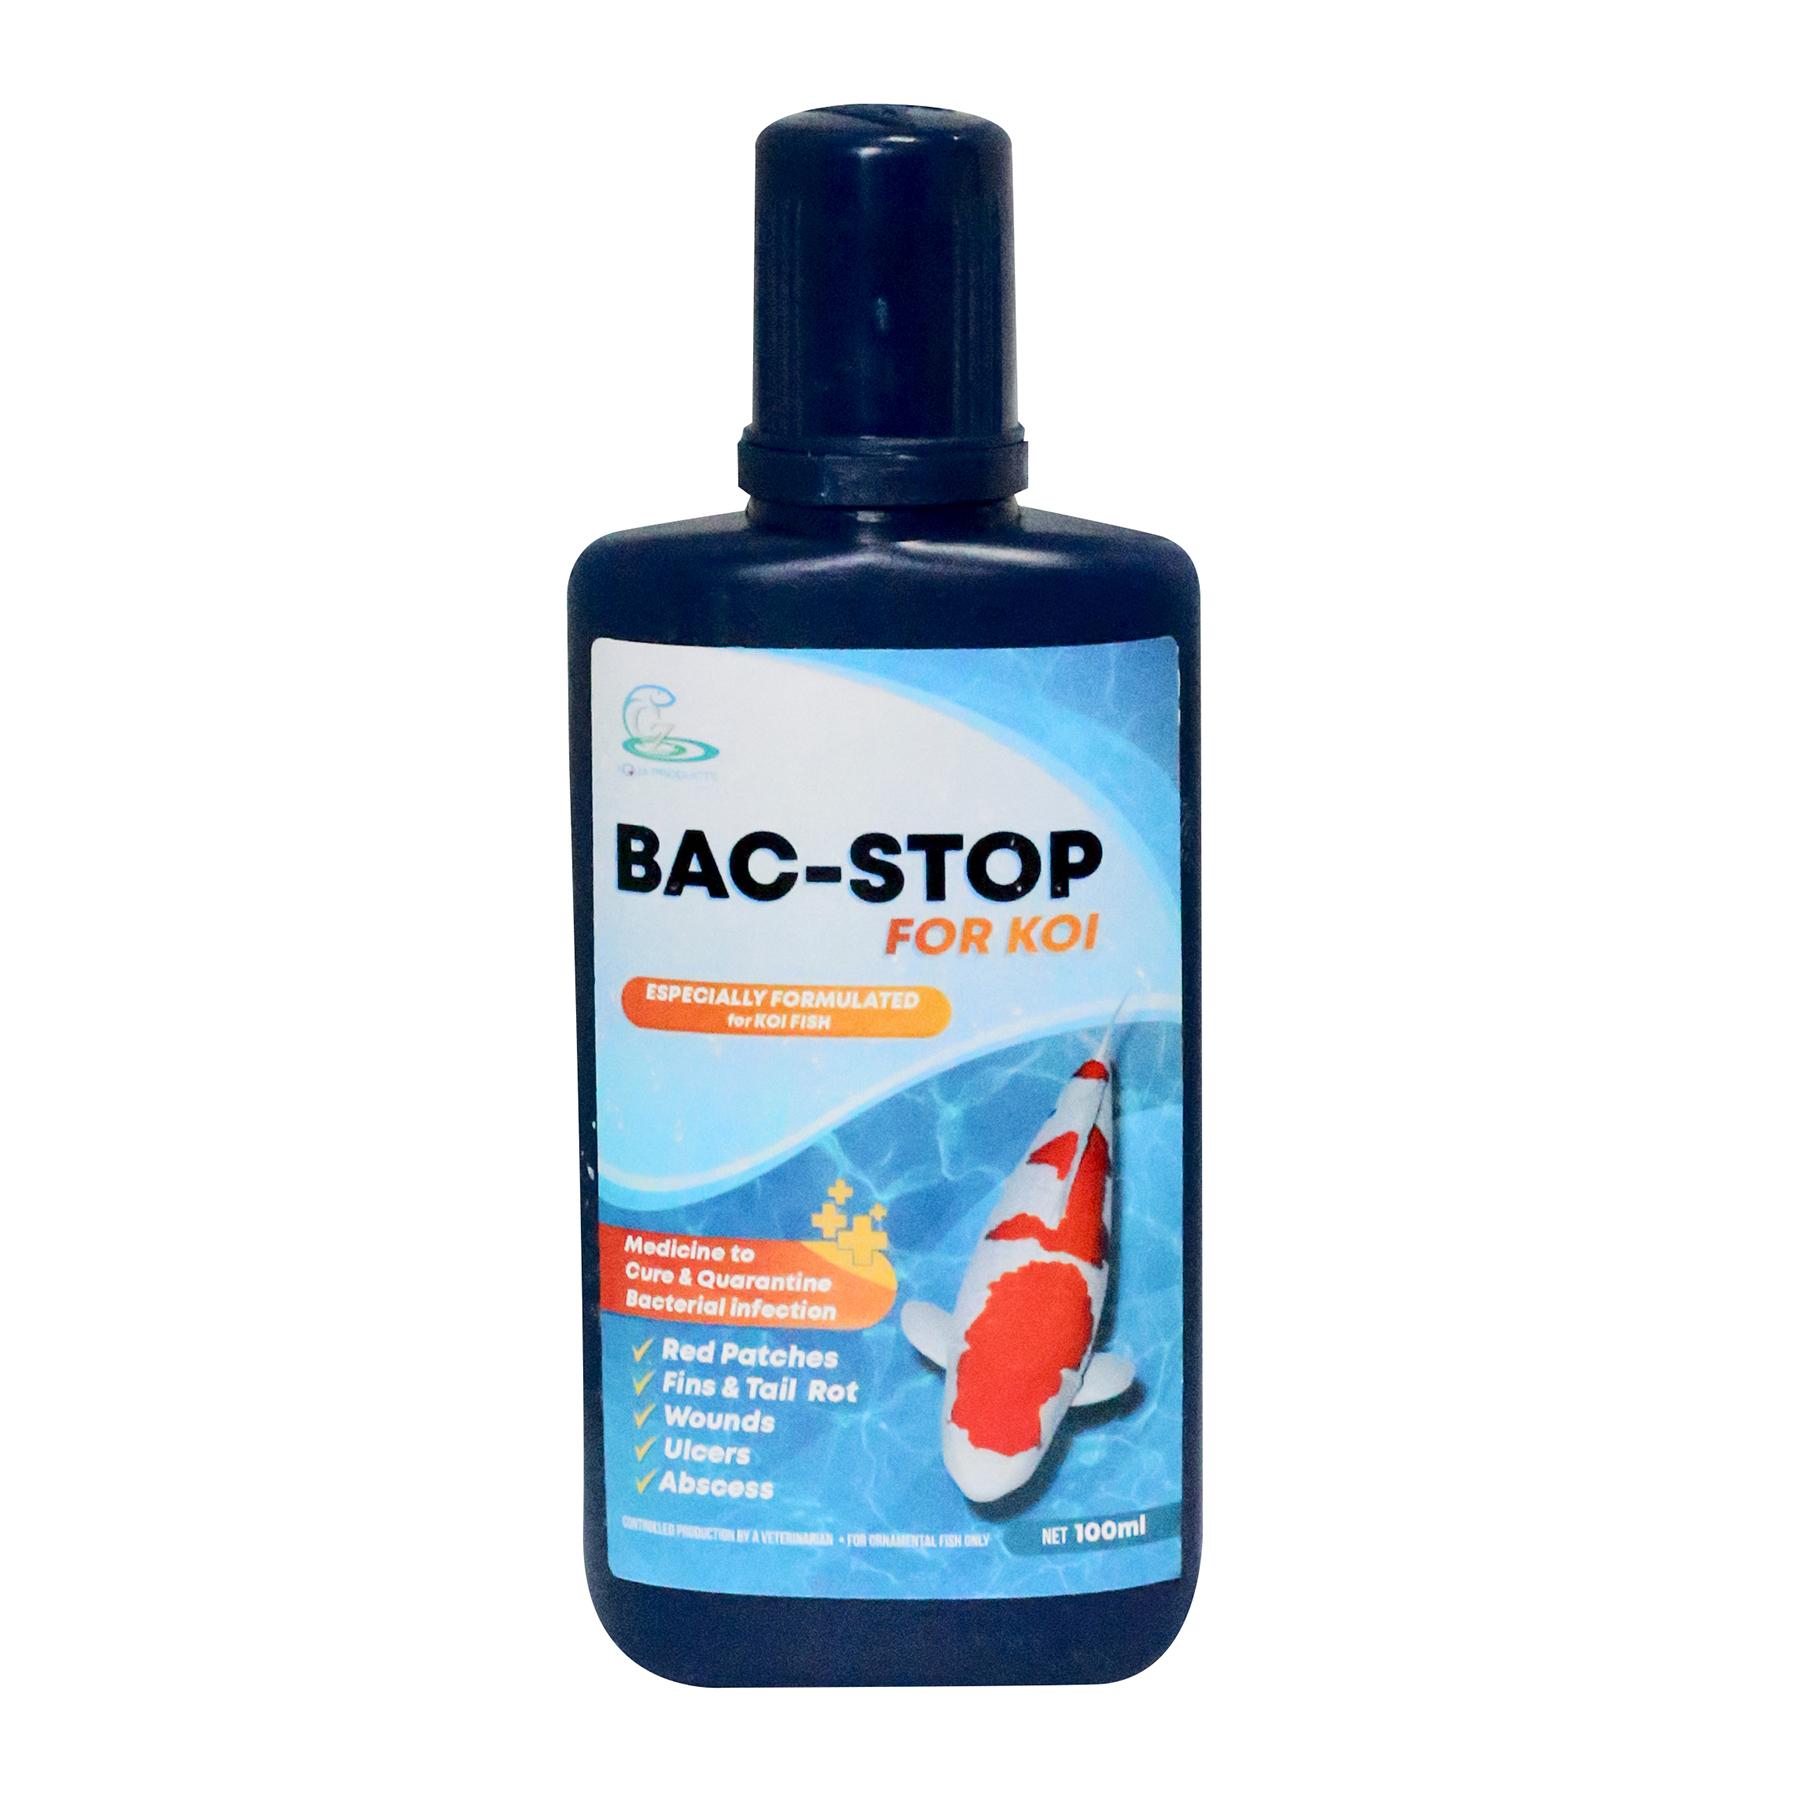 BAC-STOP 100ml